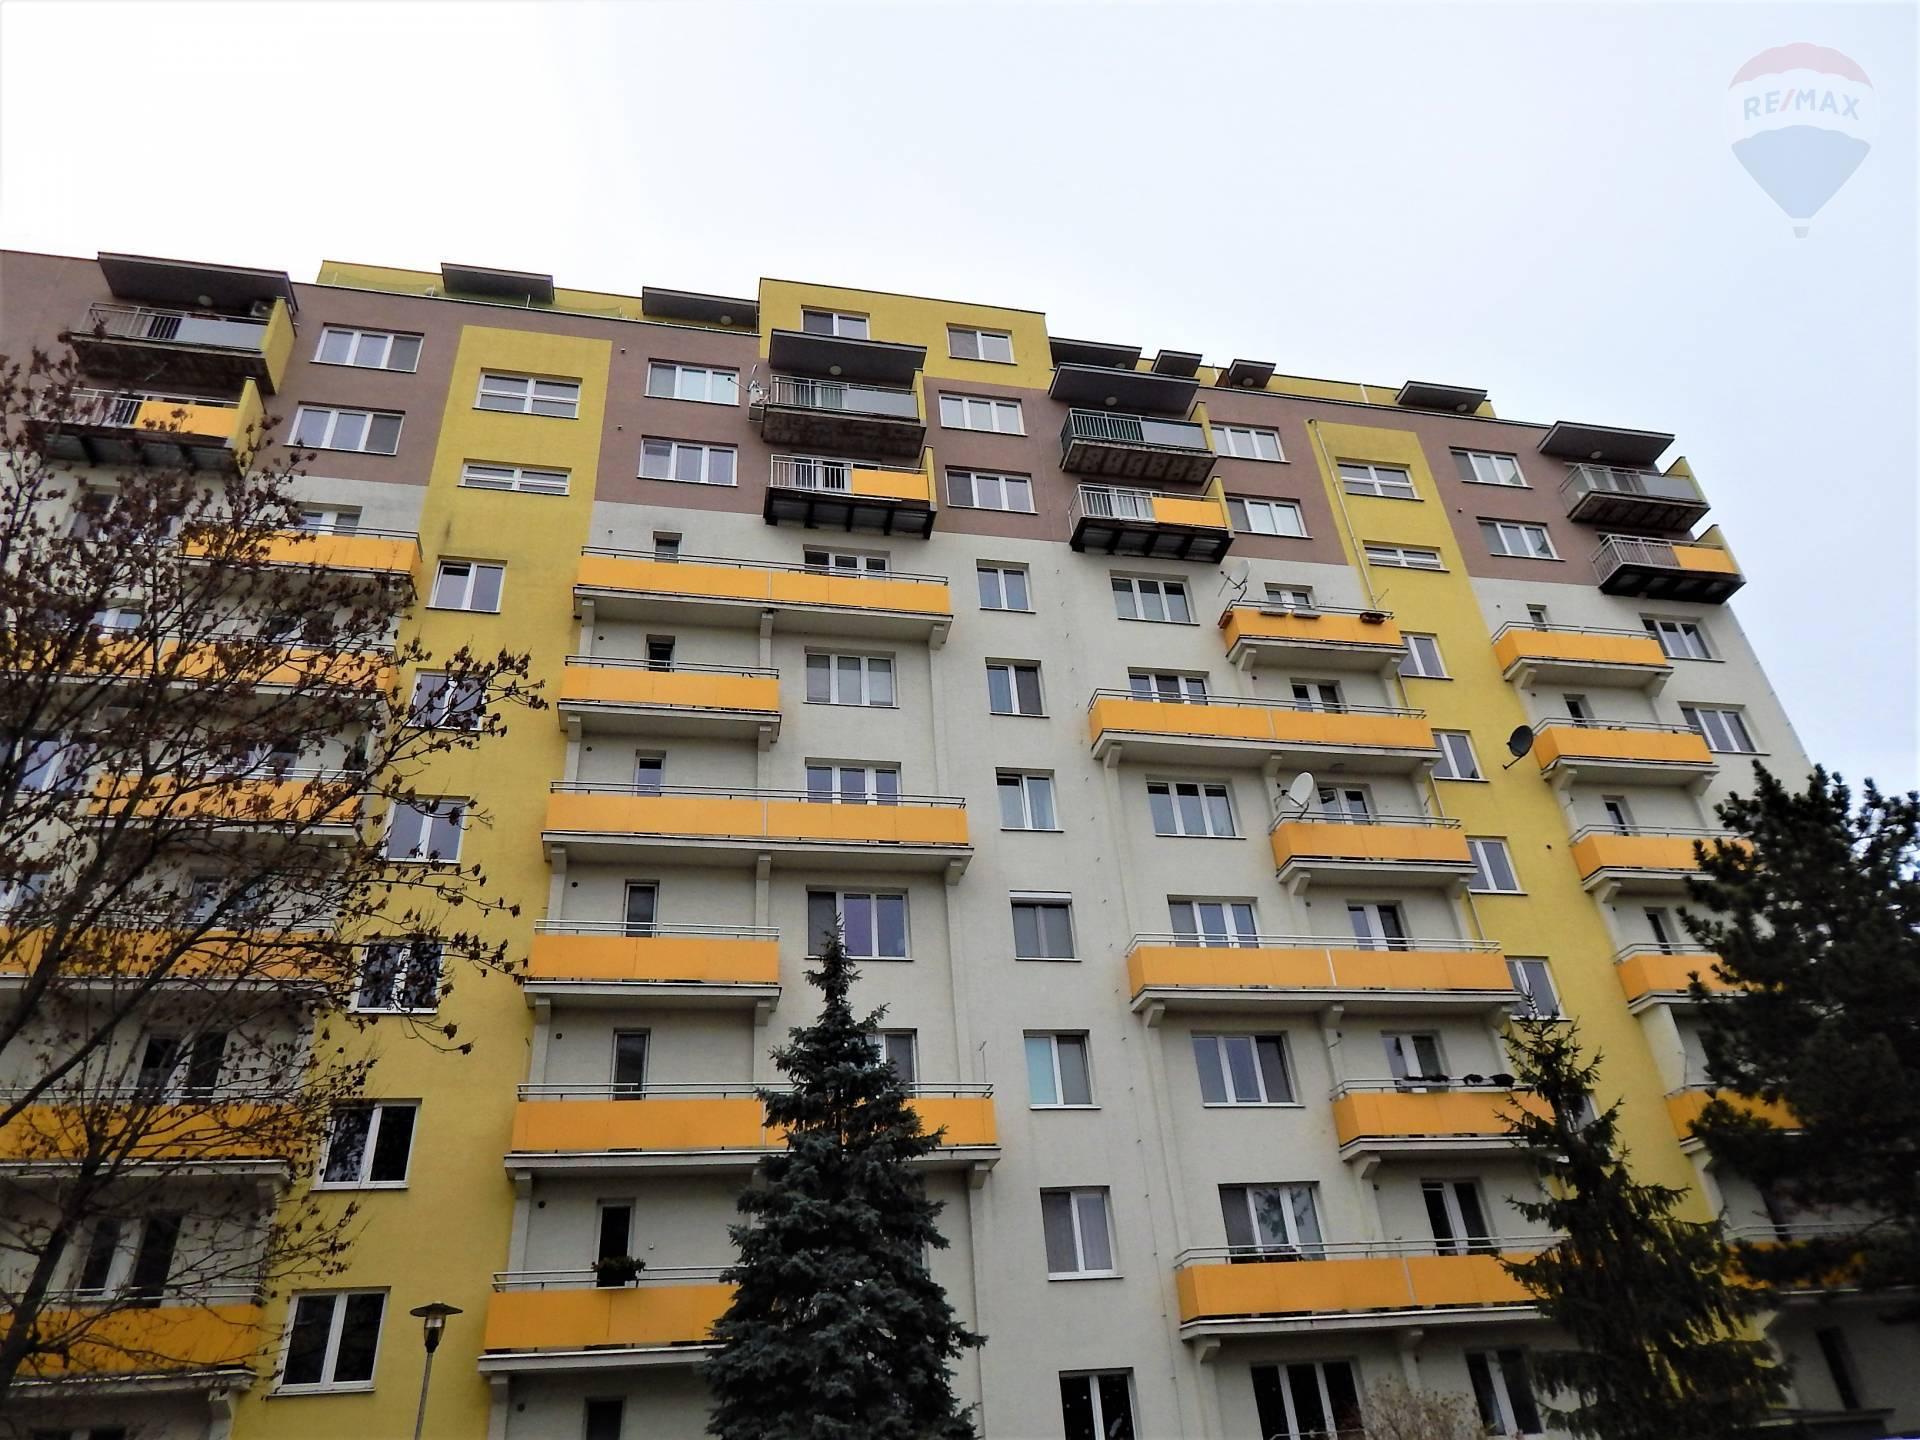 Prenájom : Priestranný , svetlý 2-byt s balkónom vo výbornej lokalite , ulica Riazanská, Nové mesto